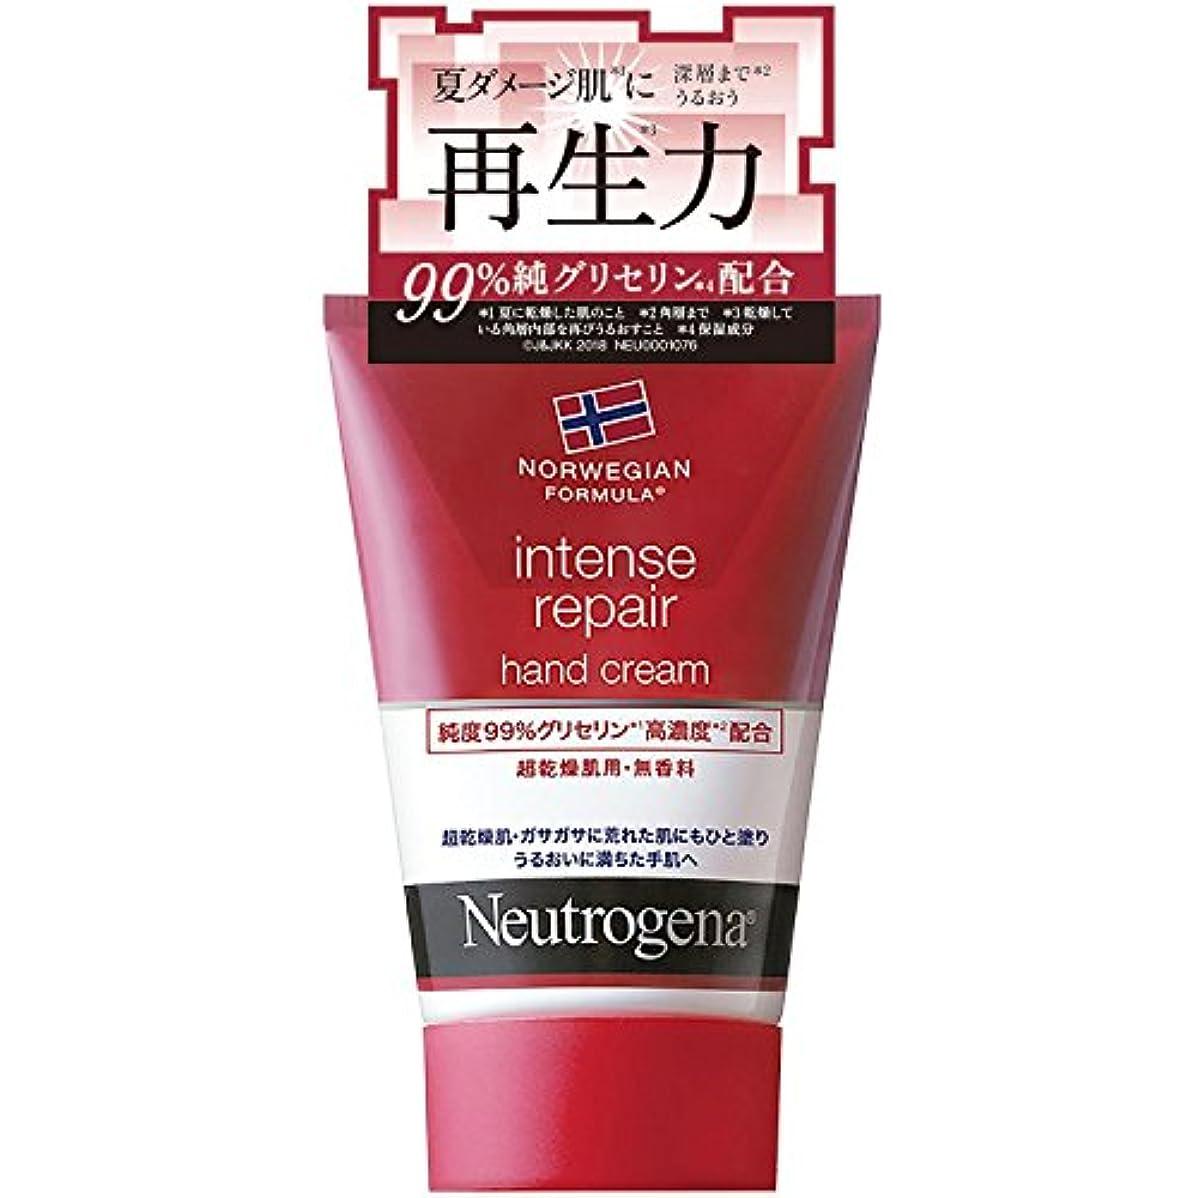 半島効果的にすることになっているNeutrogena(ニュートロジーナ) ノルウェーフォーミュラ インテンスリペア ハンドクリーム 超乾燥肌用 無香料 単品 50g